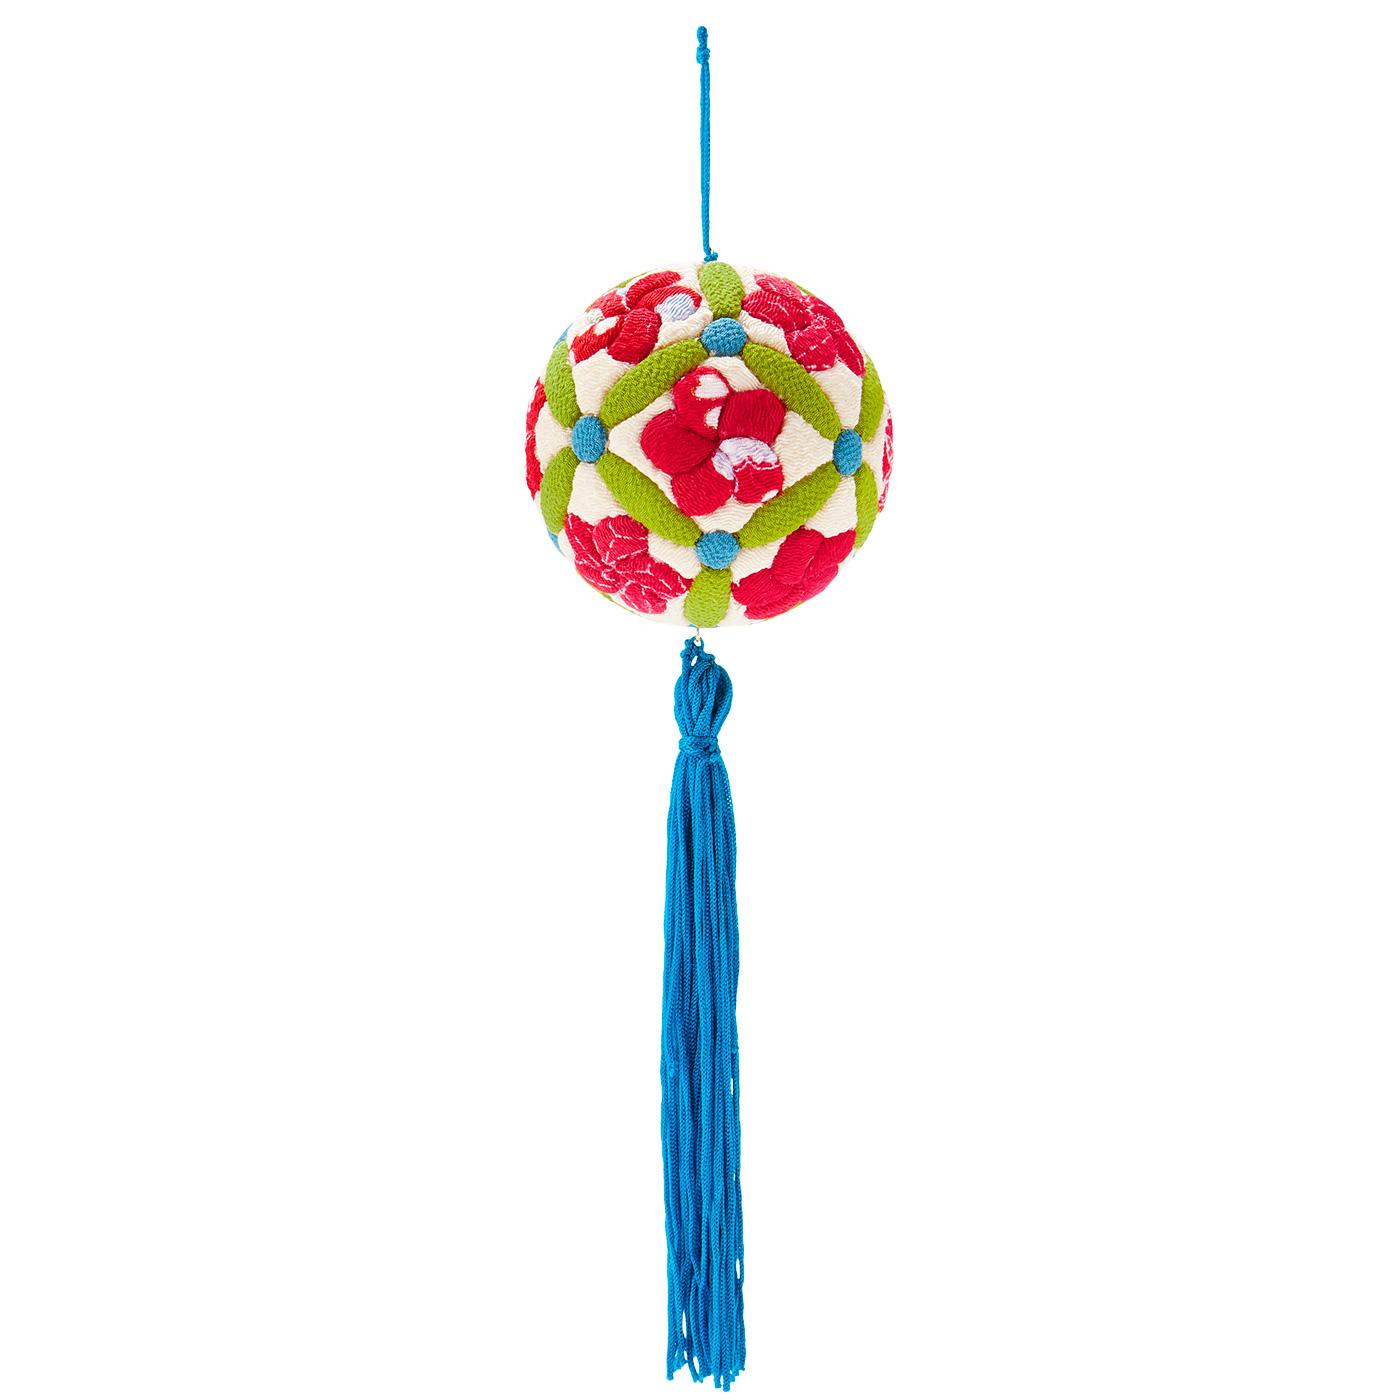 梅 長い楕円を小さな丸でつないだ「星付き七宝」の中に梅を配置。花びらが重なり回転しているように見える「ねじり梅」は古くから愛される紋のひとつ。